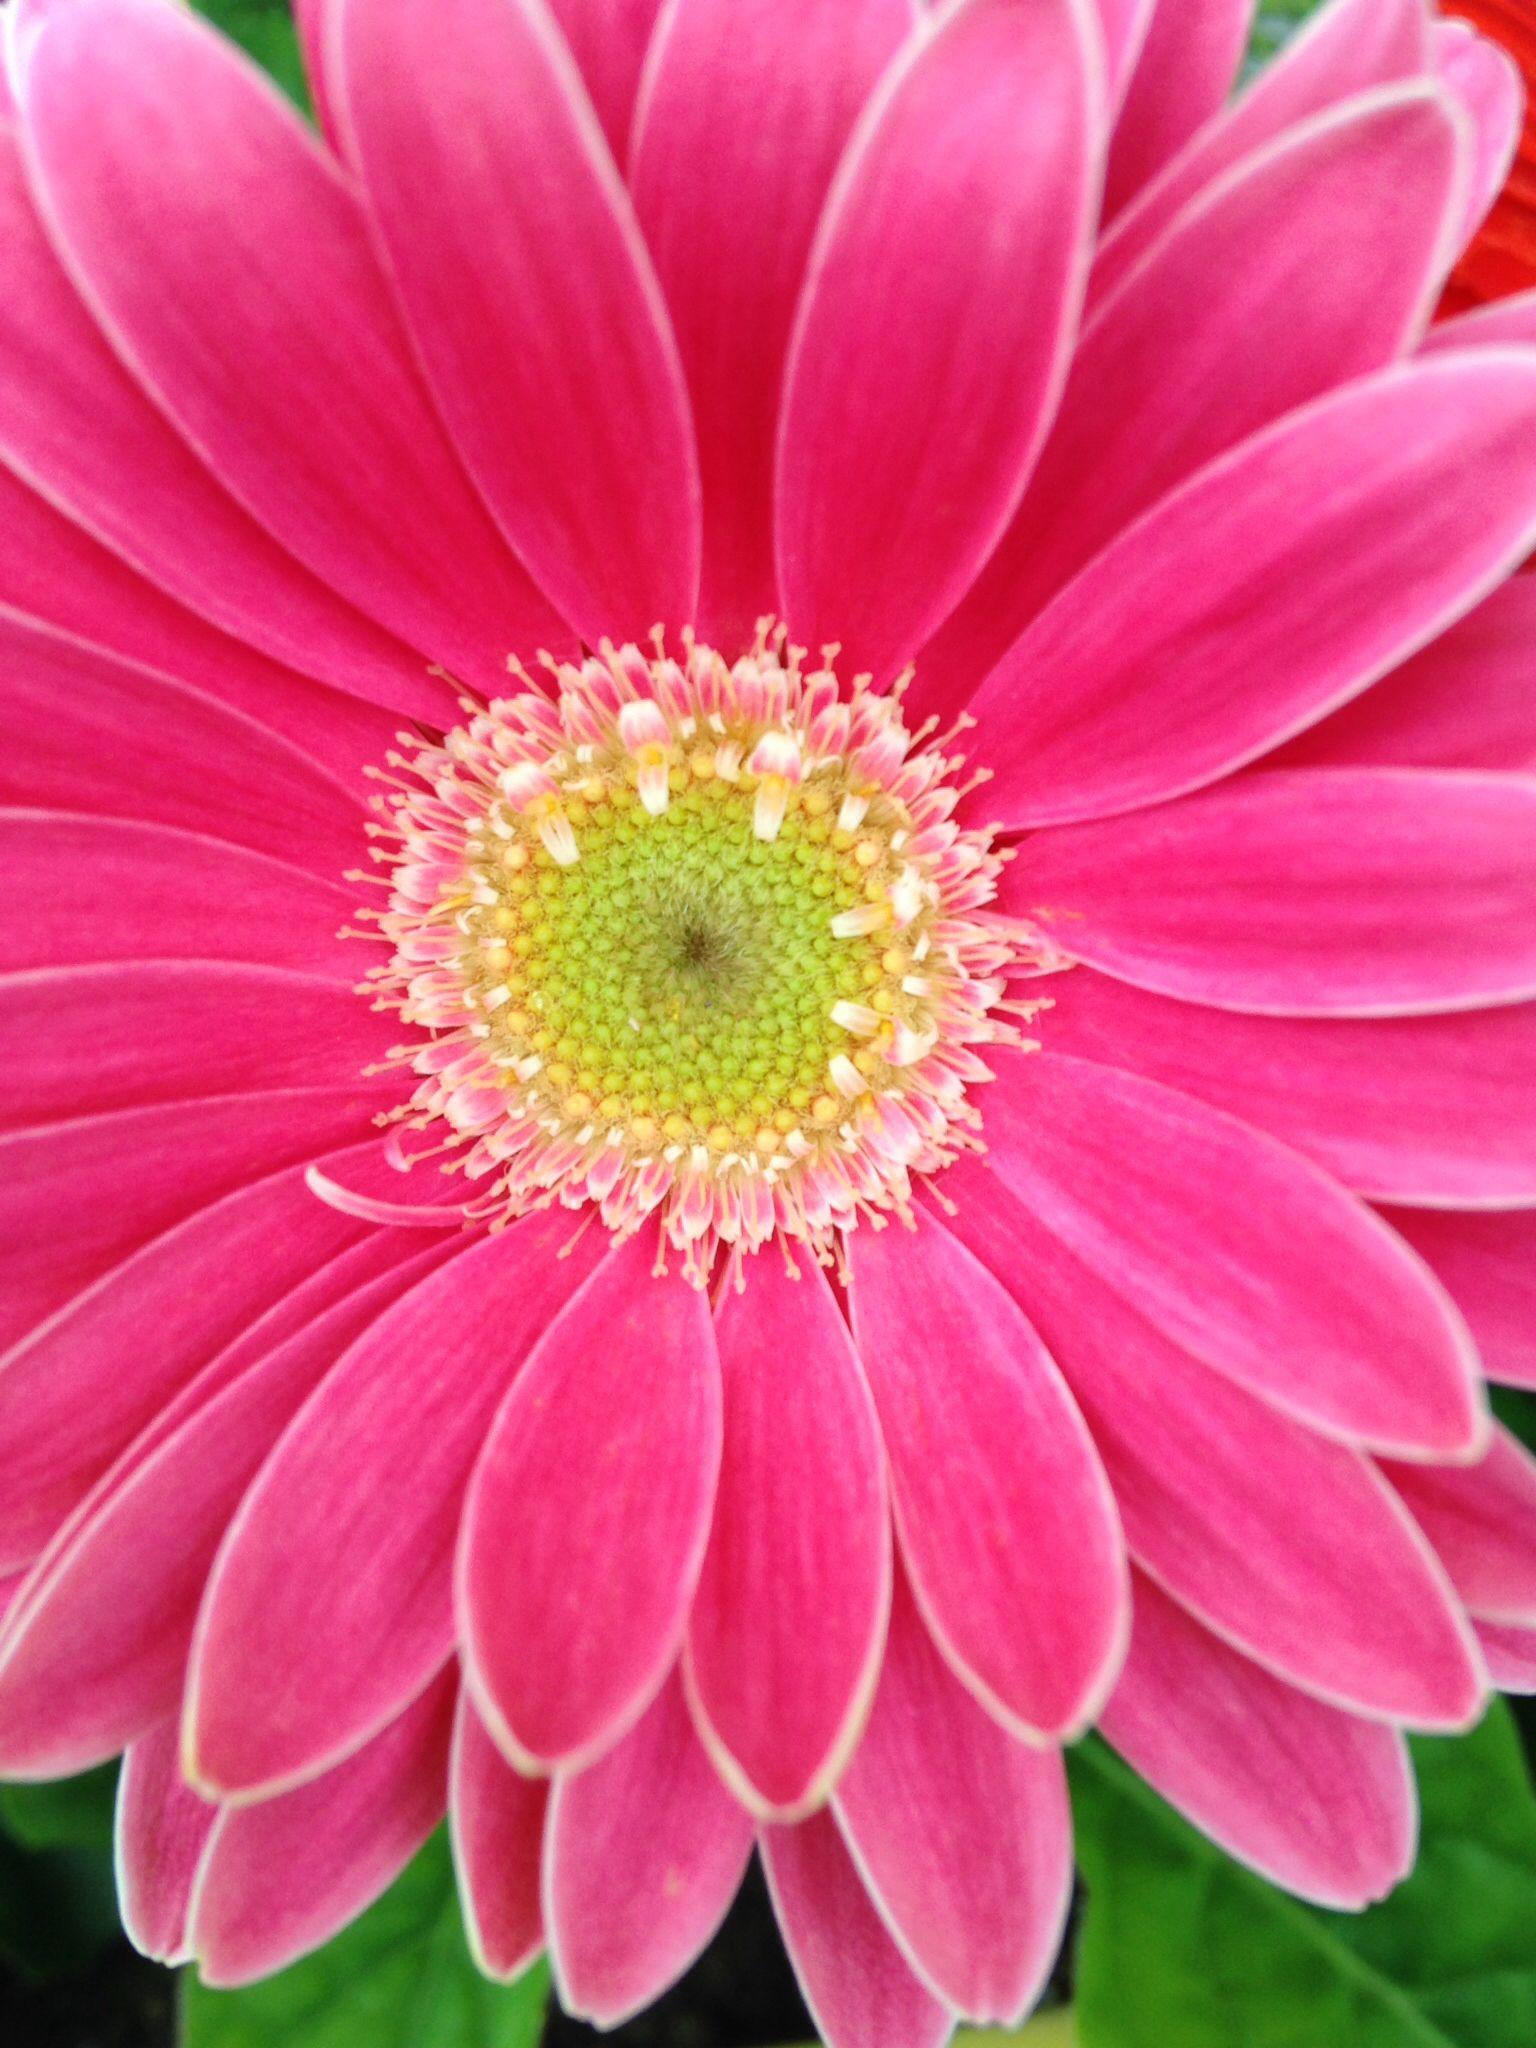 Berbers daisy